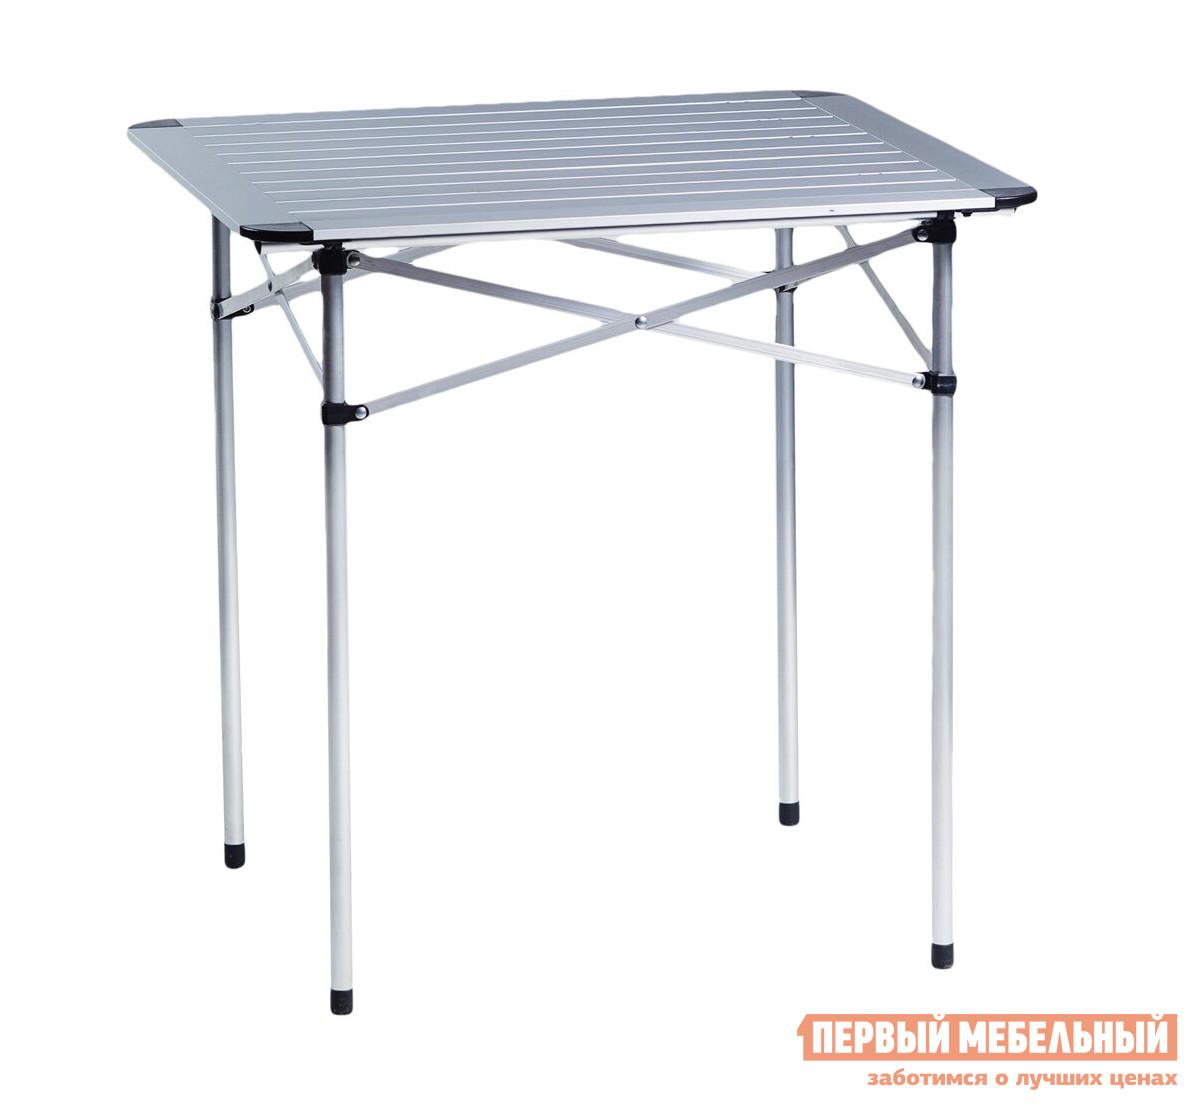 Стол для пикника раскладной Лекс групп 5205